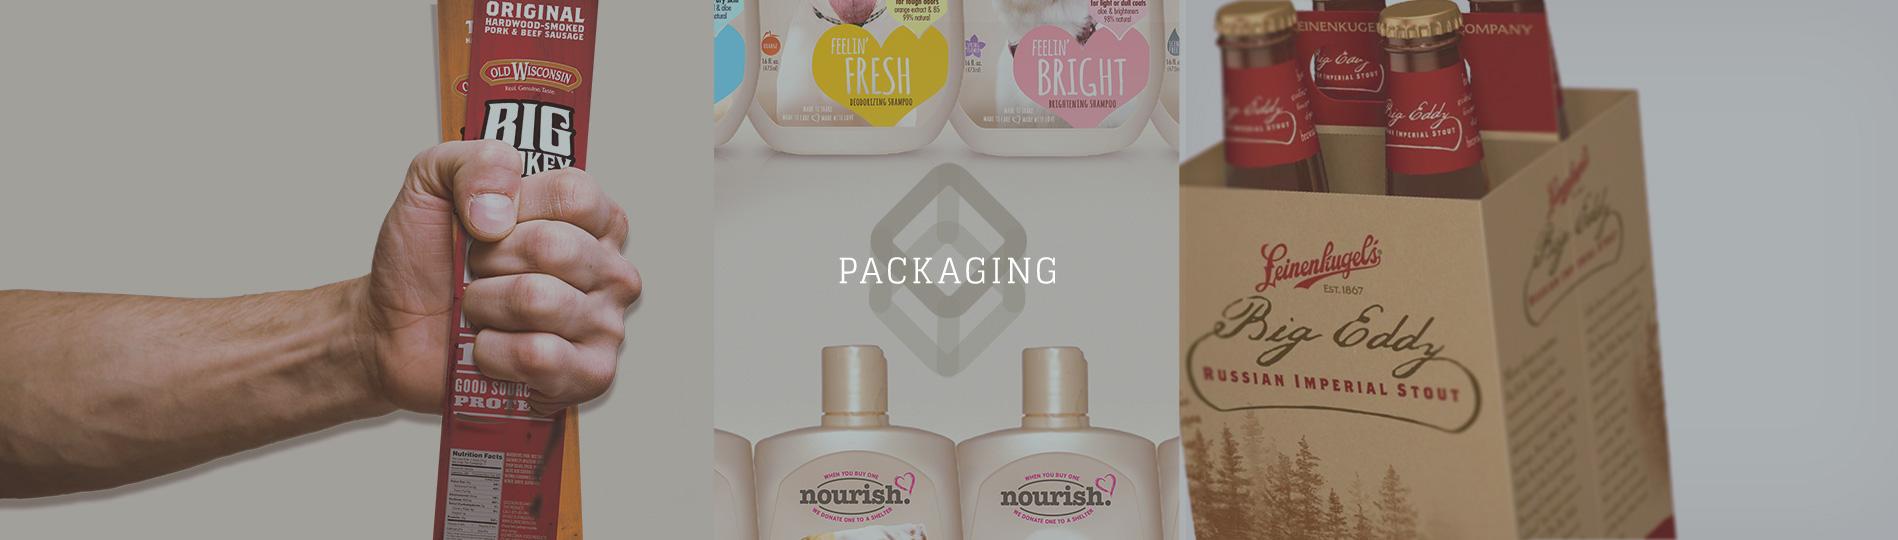 Capabilities_Packaging.jpg